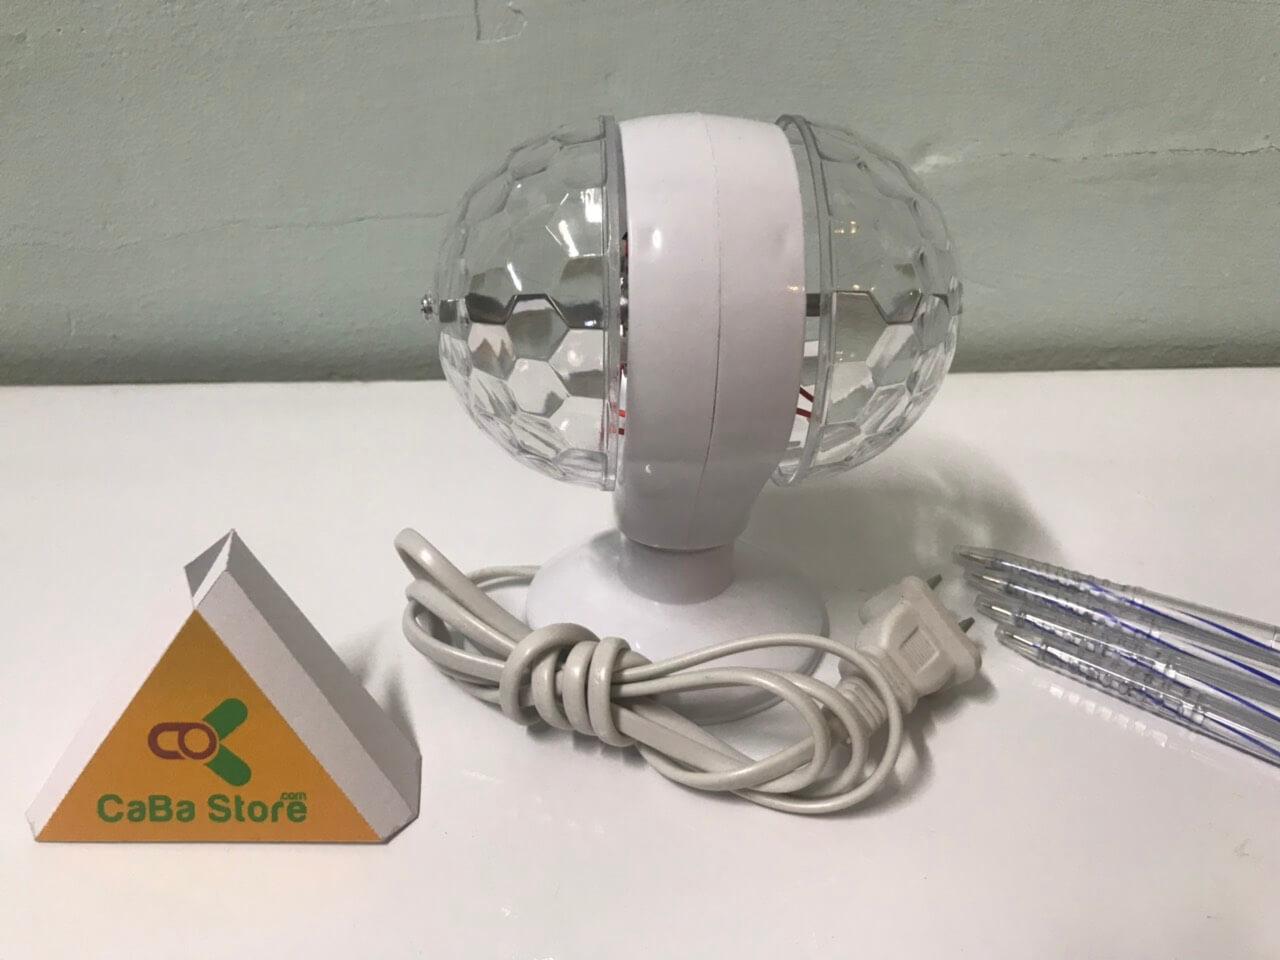 Led vũ trường 2 quả cầu quay - Màu đa sắc rực rỡ